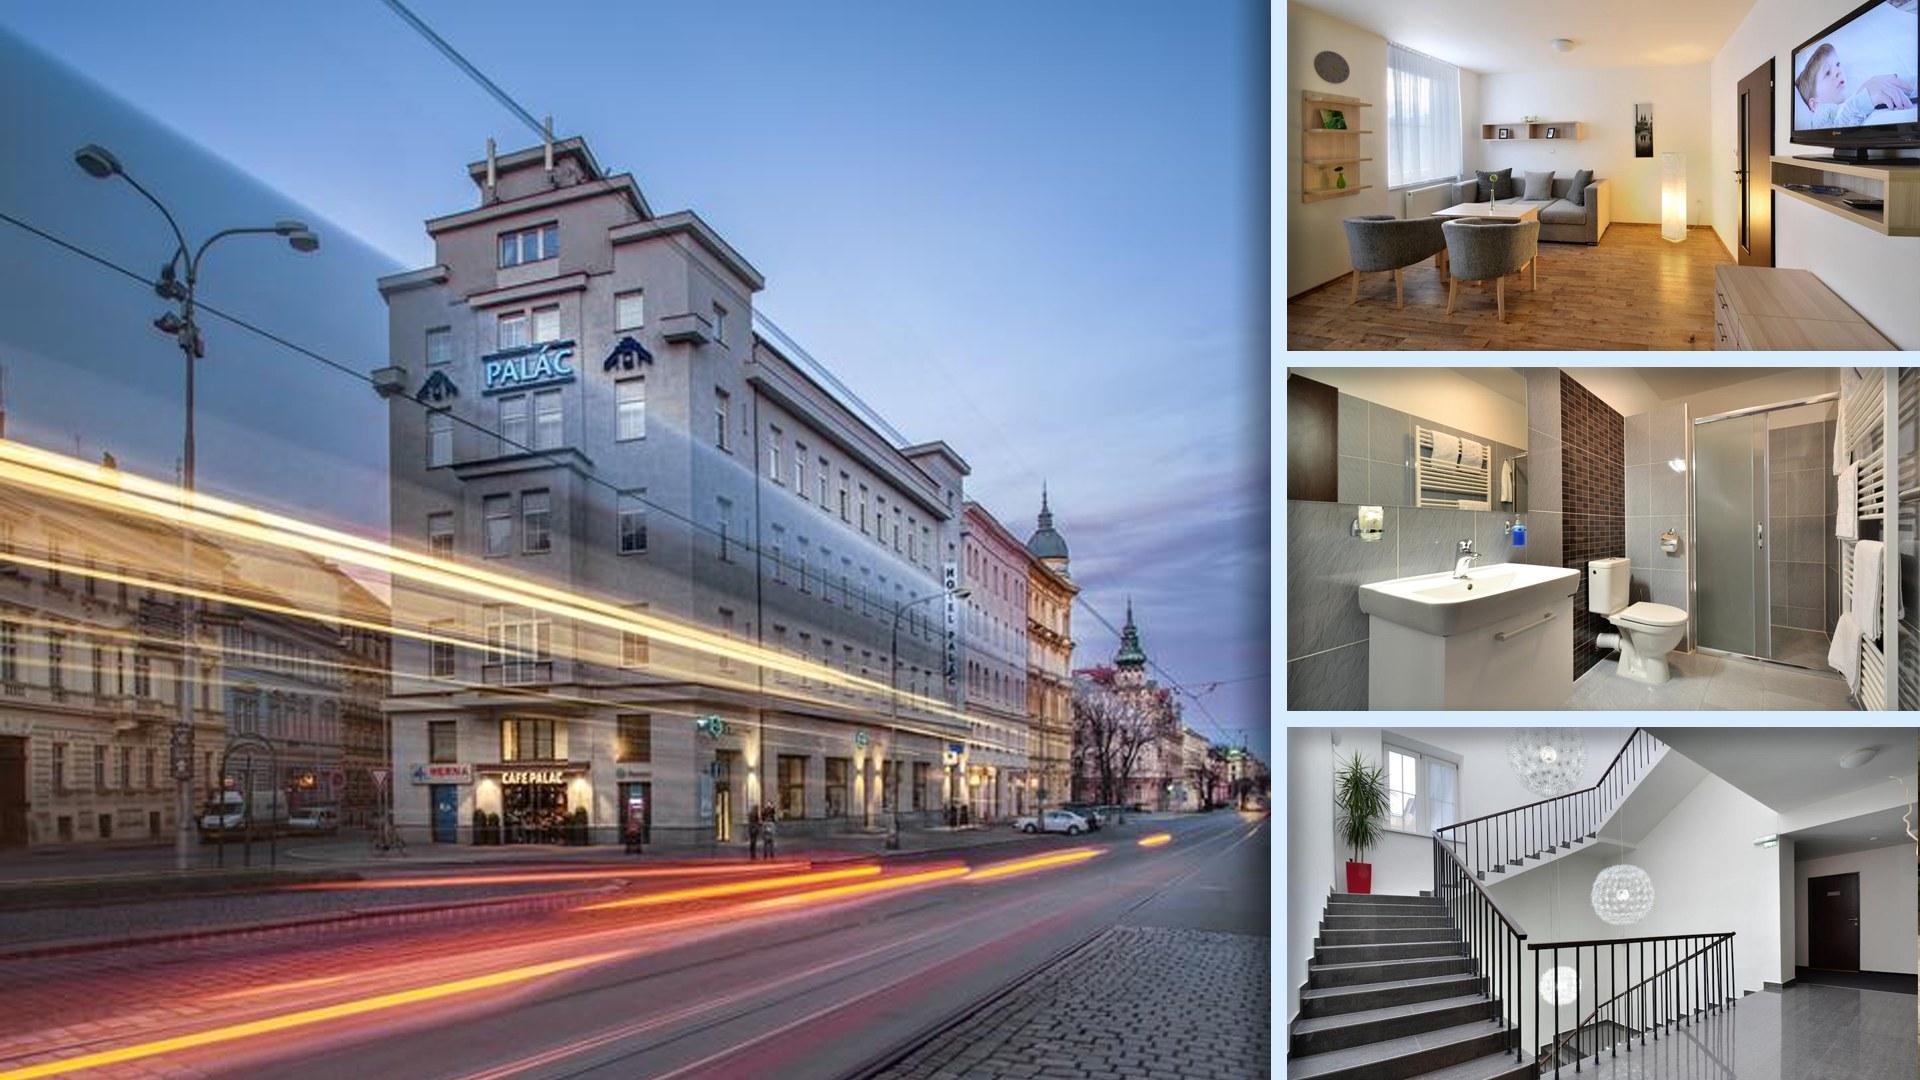 Hotel Palác - Elegantní a stylový hotel v historickém centru Olomouce